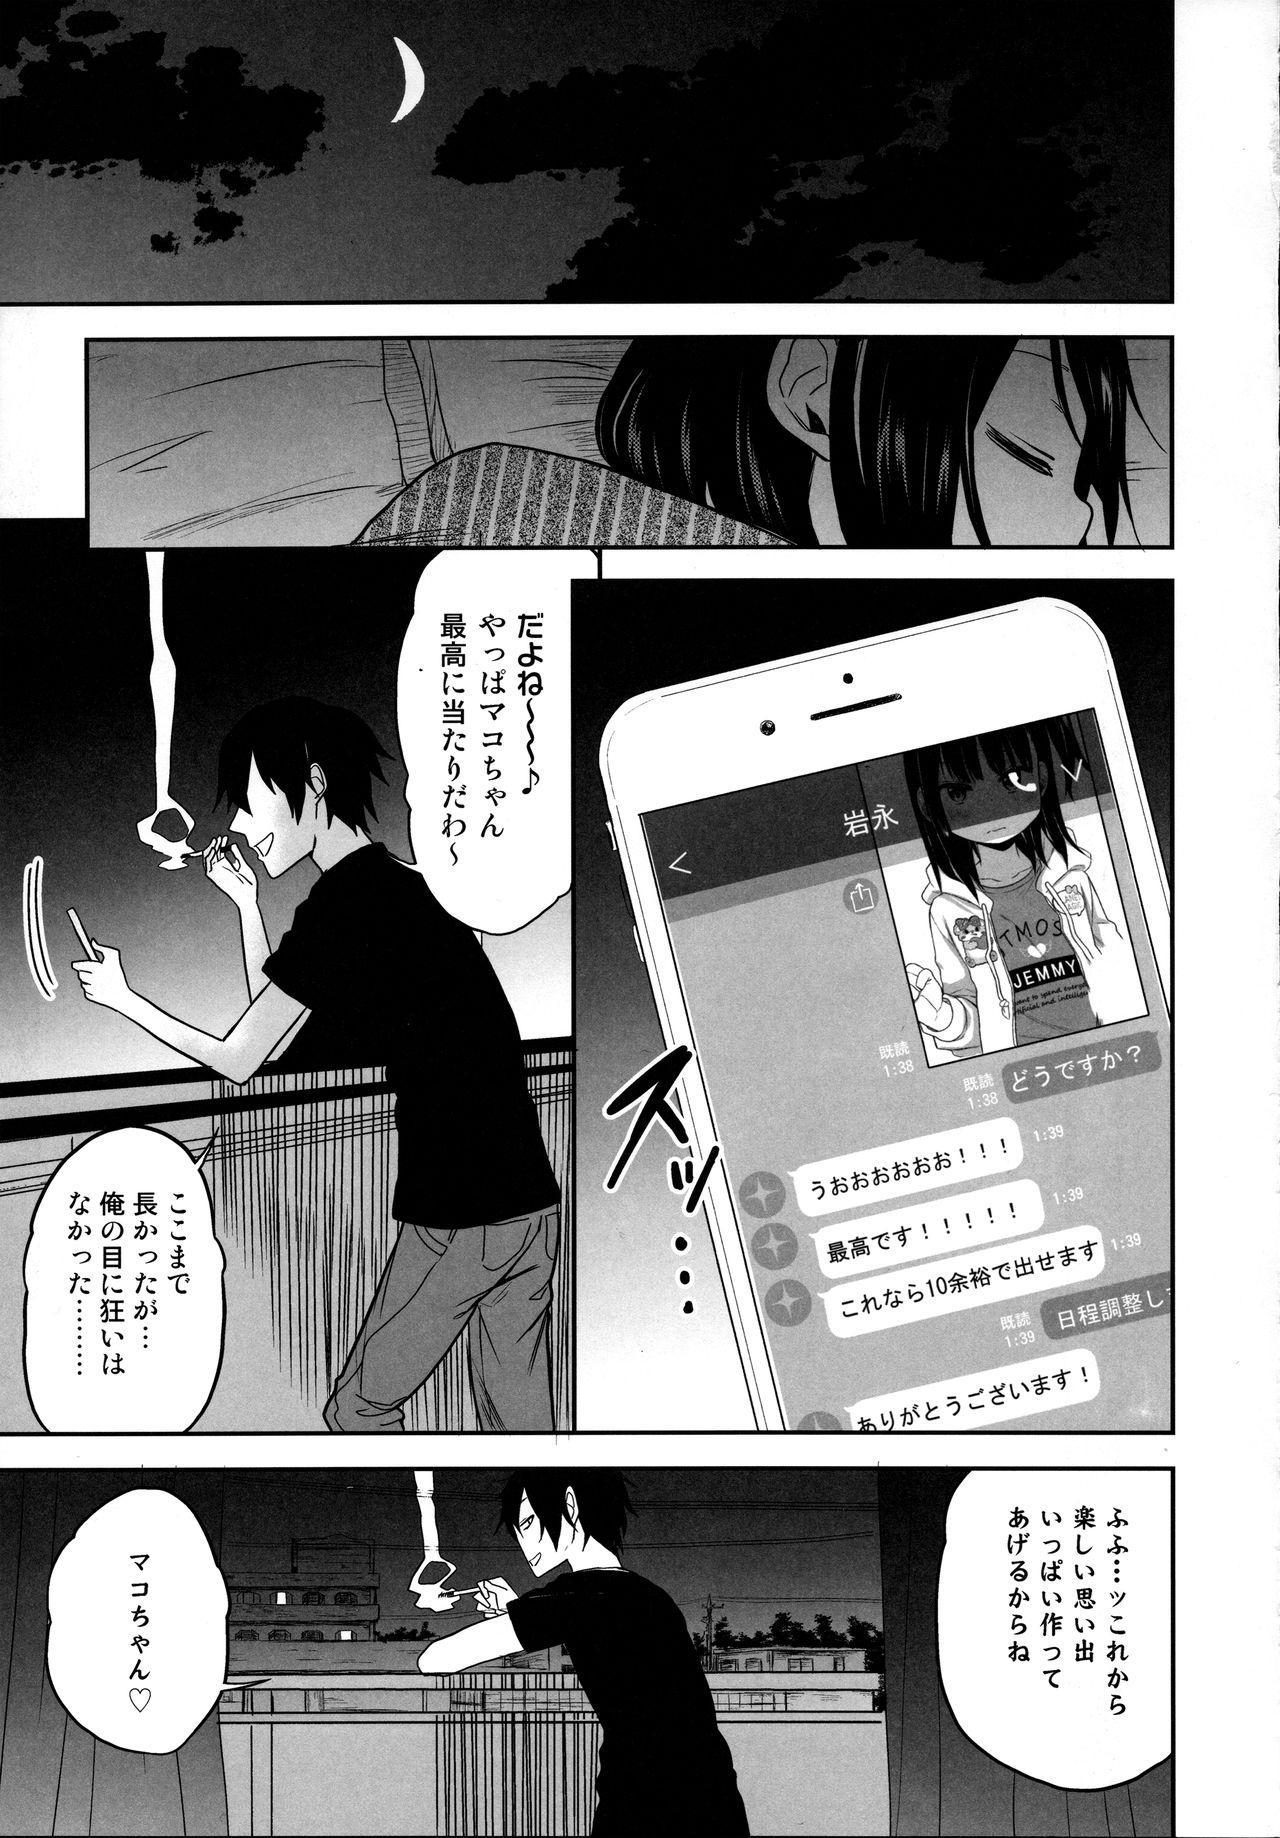 Tonari no Mako-chan Season 2 Vol. 1 8